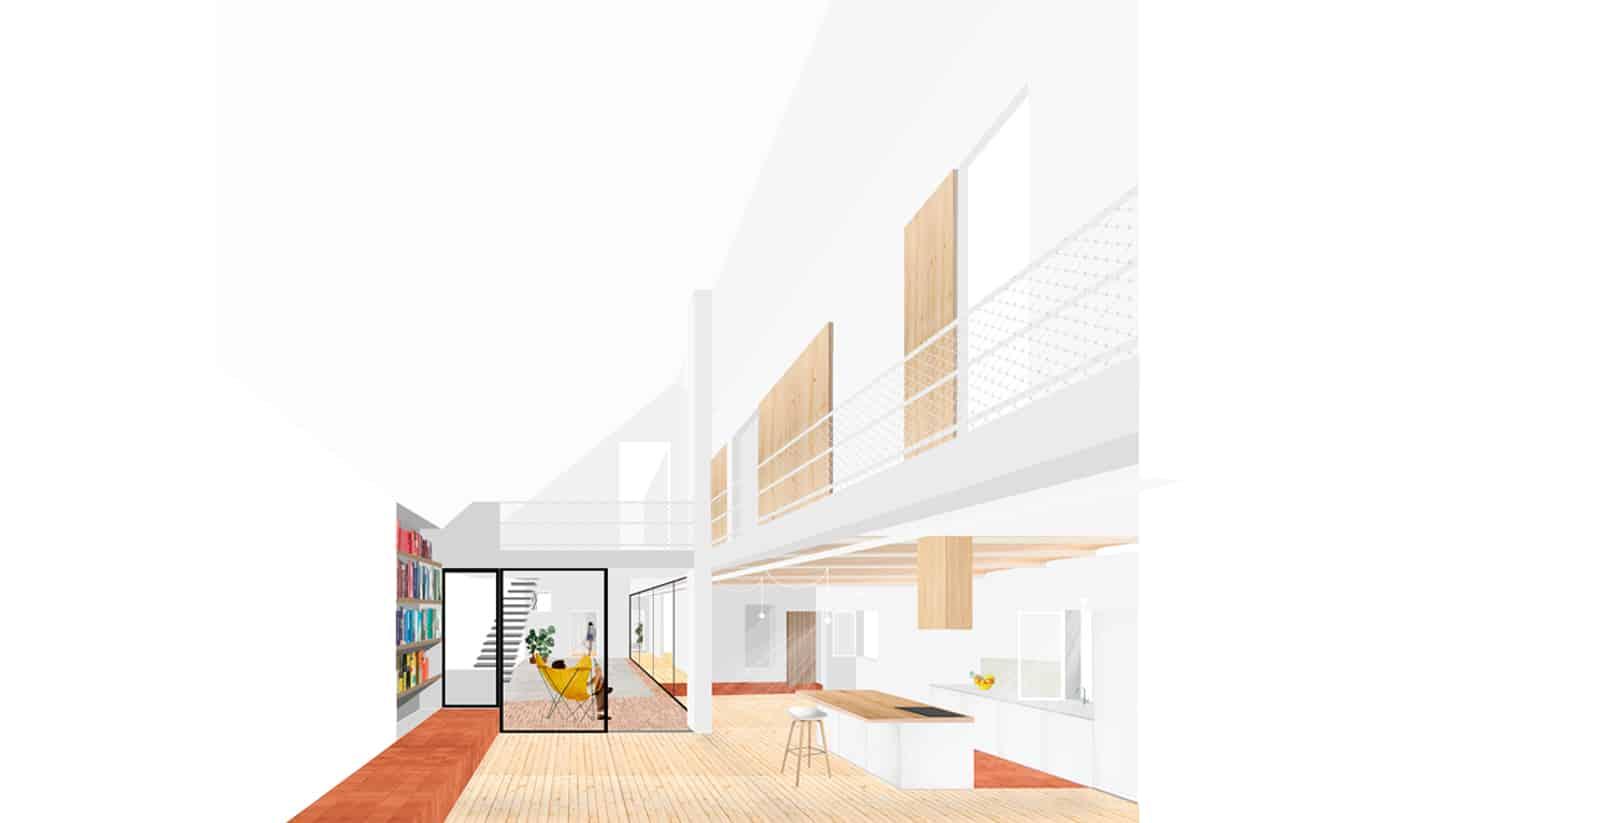 Casa del Cantó  - 20210820 PianoPiano CasadFoio 10.2 62